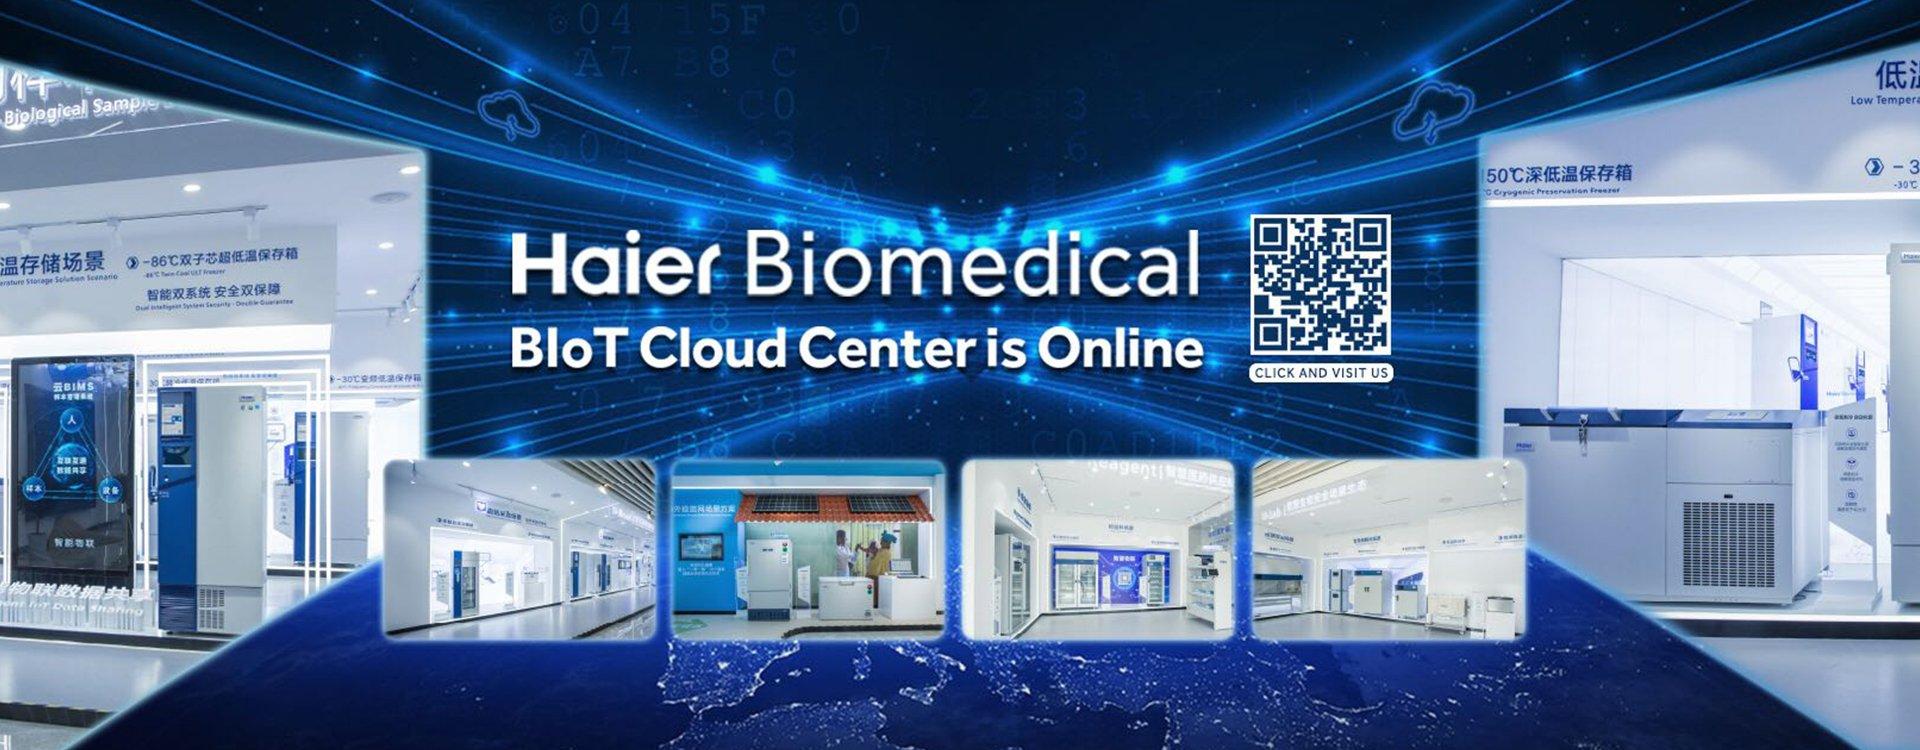 Haier Biomedical - BIoT Cloud Center is Online - Laboratuvar Cihaz ve Ürün Satışı